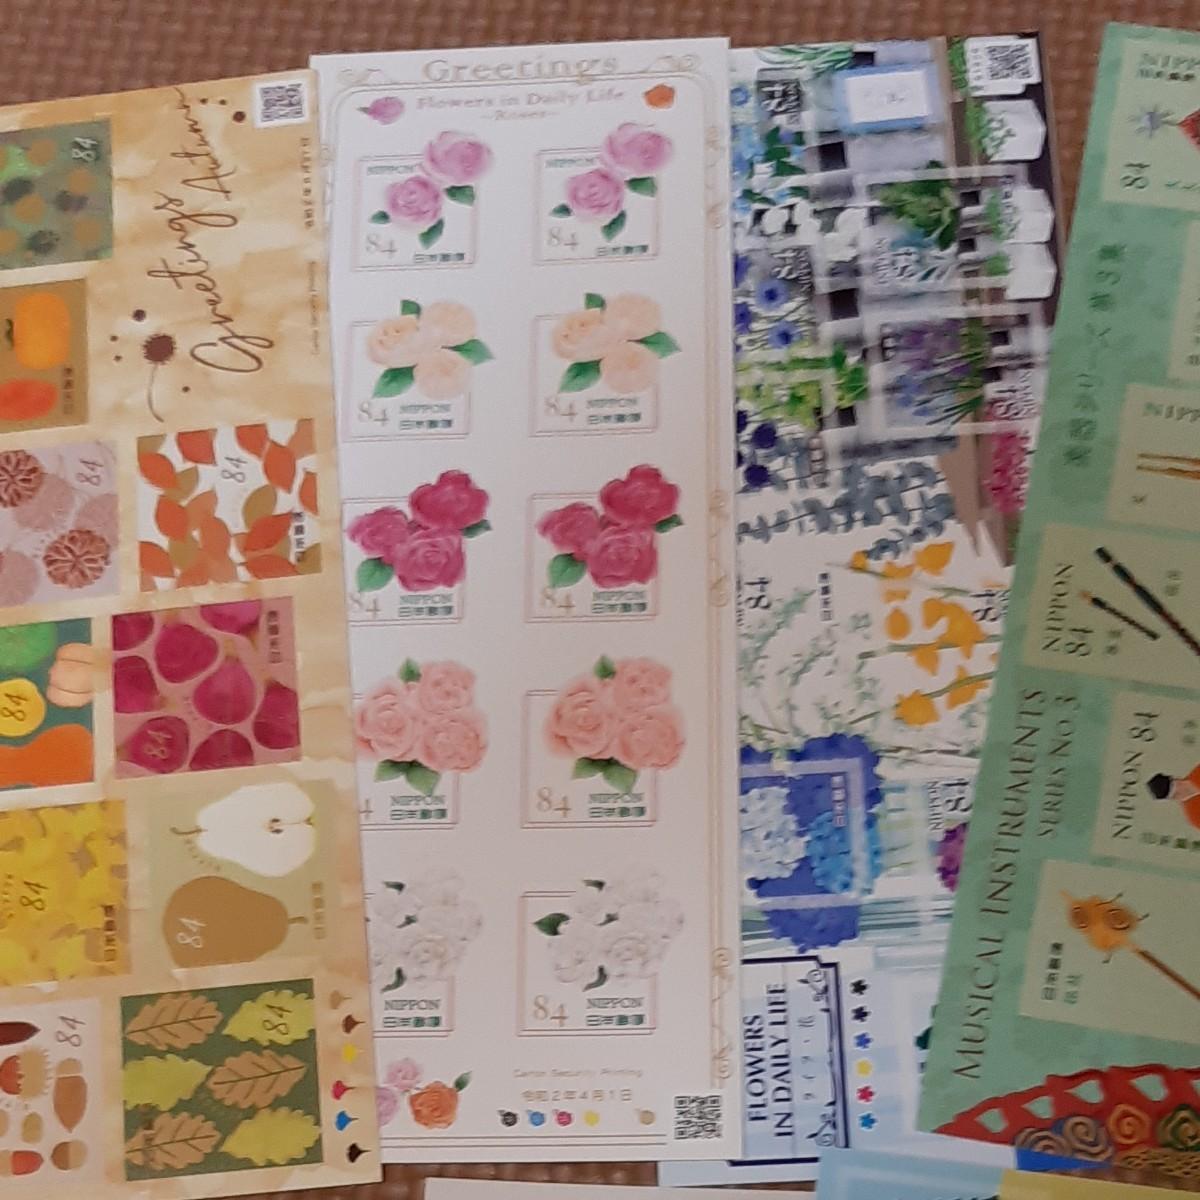 記念切手 コレクション 全て84円記念切手 シール切手 9,240円分